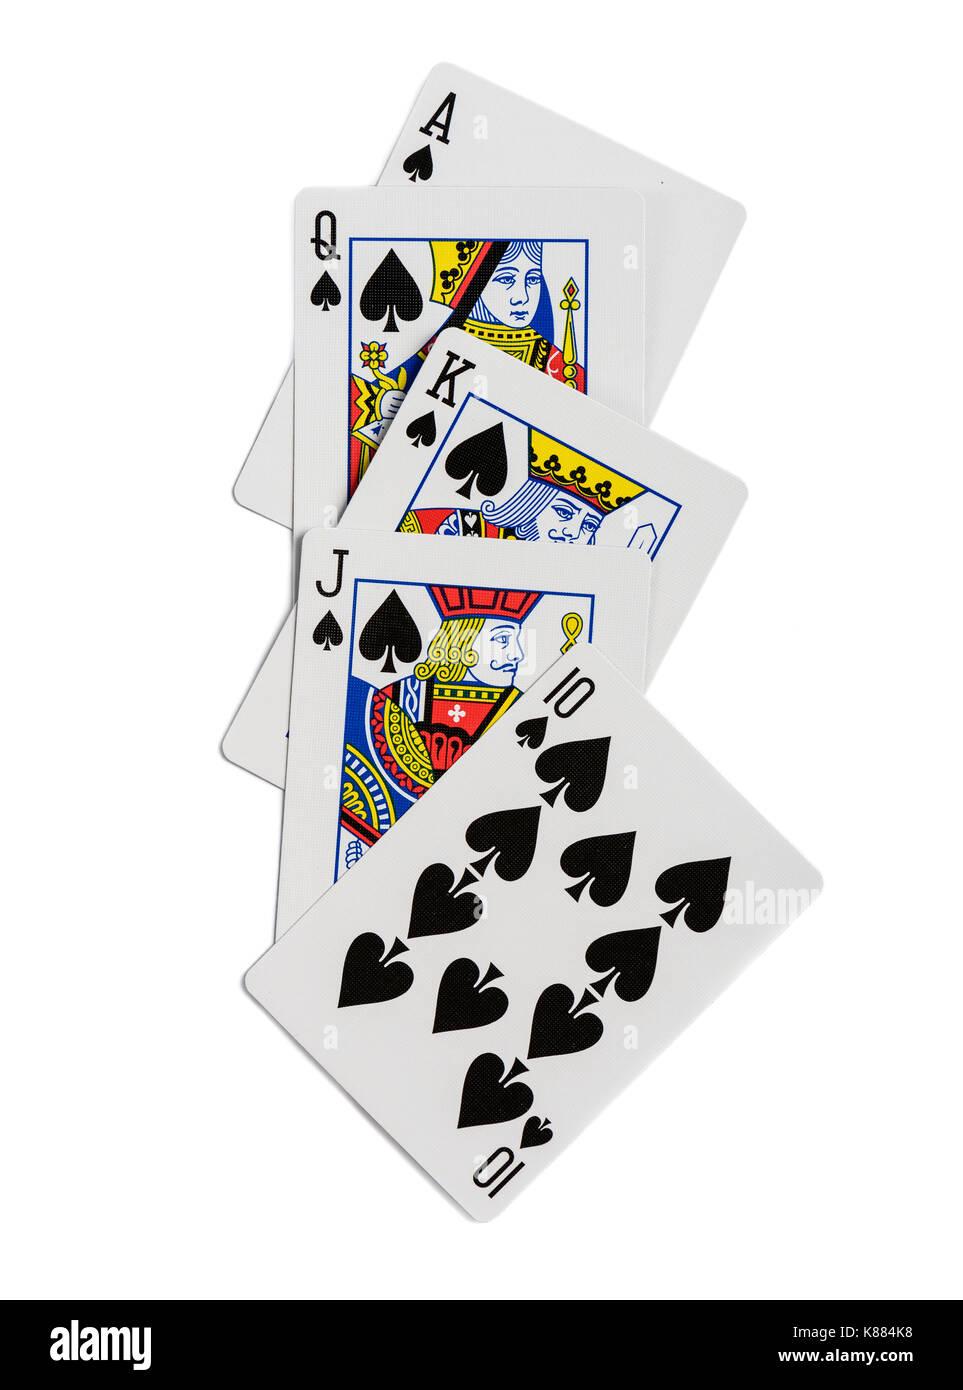 Combinación de cartas de juego de casino poker palo Picas. aislado sobre fondo blanco. Imagen De Stock